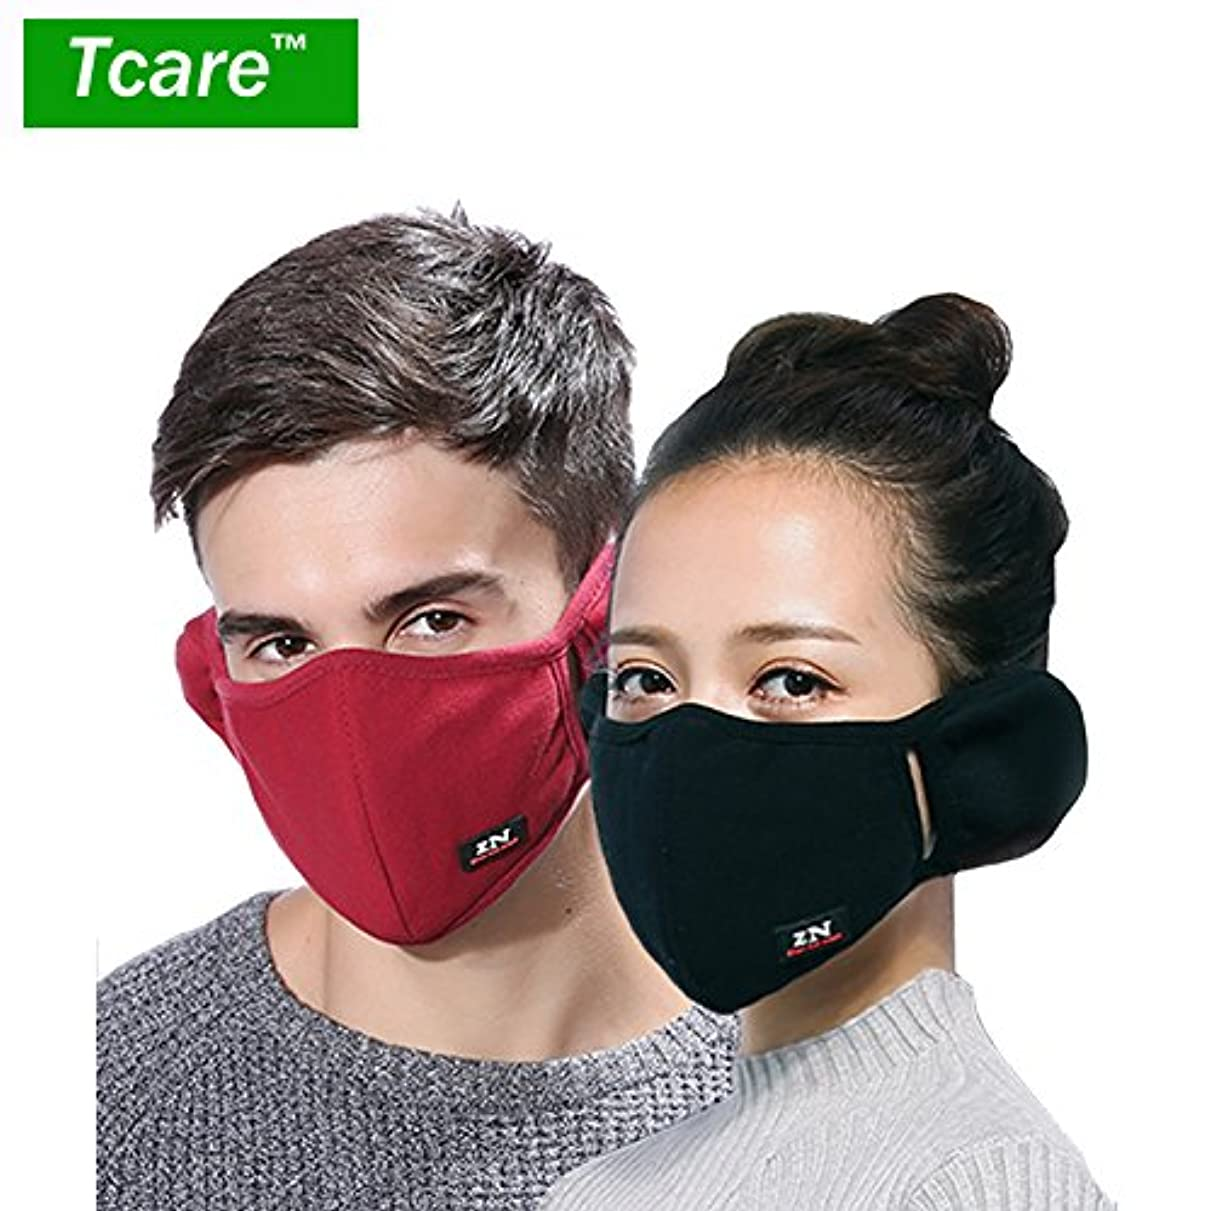 神秘その結果原点男性女性の少年少女のためのTcare呼吸器2レイヤピュアコットン保護フィルター挿入口:1レッド